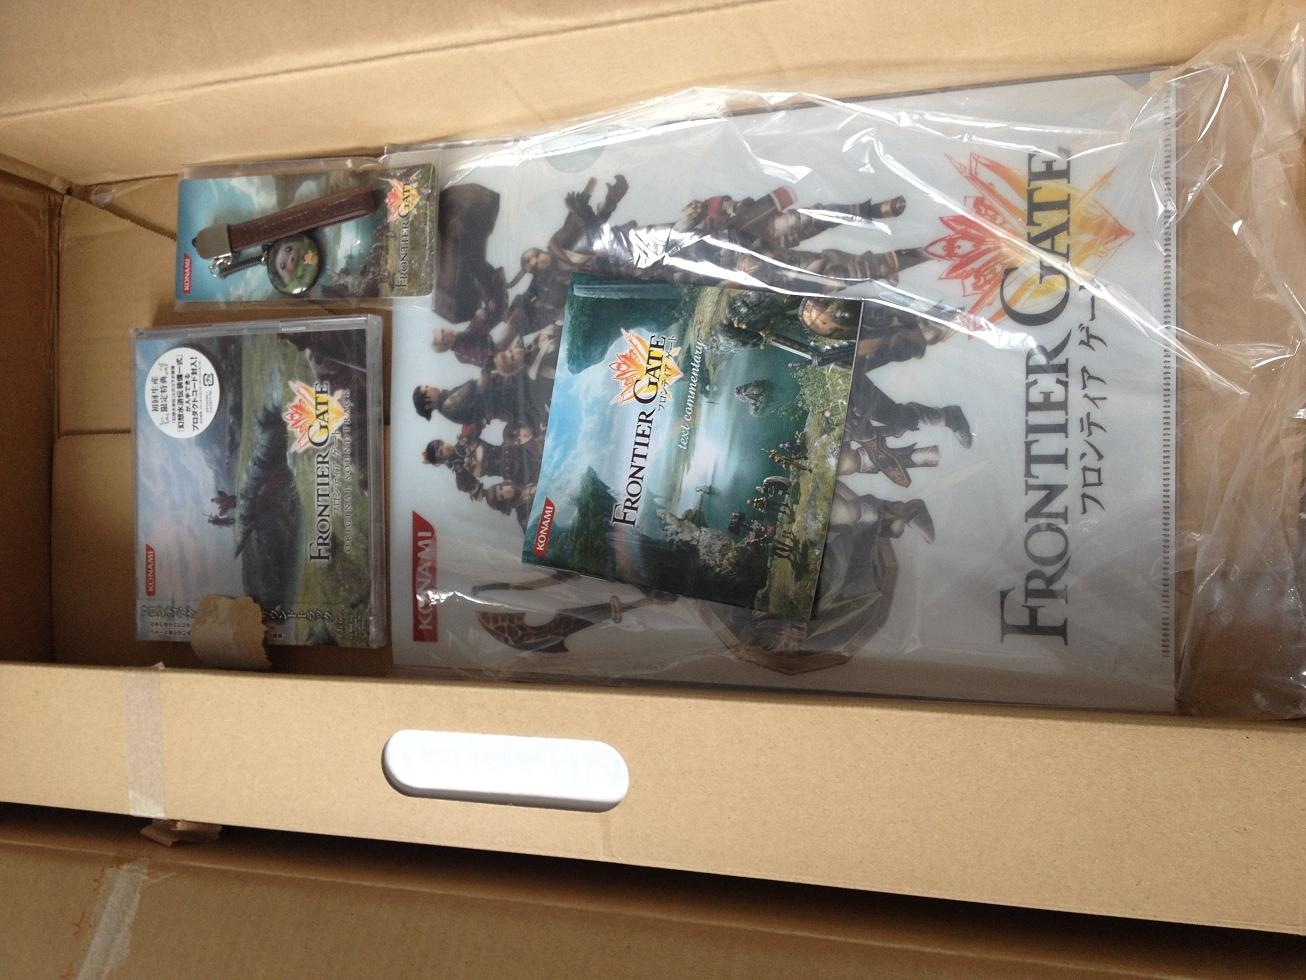 [Vds] Collection PSP 96 jeux originaux ( 98% de RPG) - Page 2 15213657451986155100